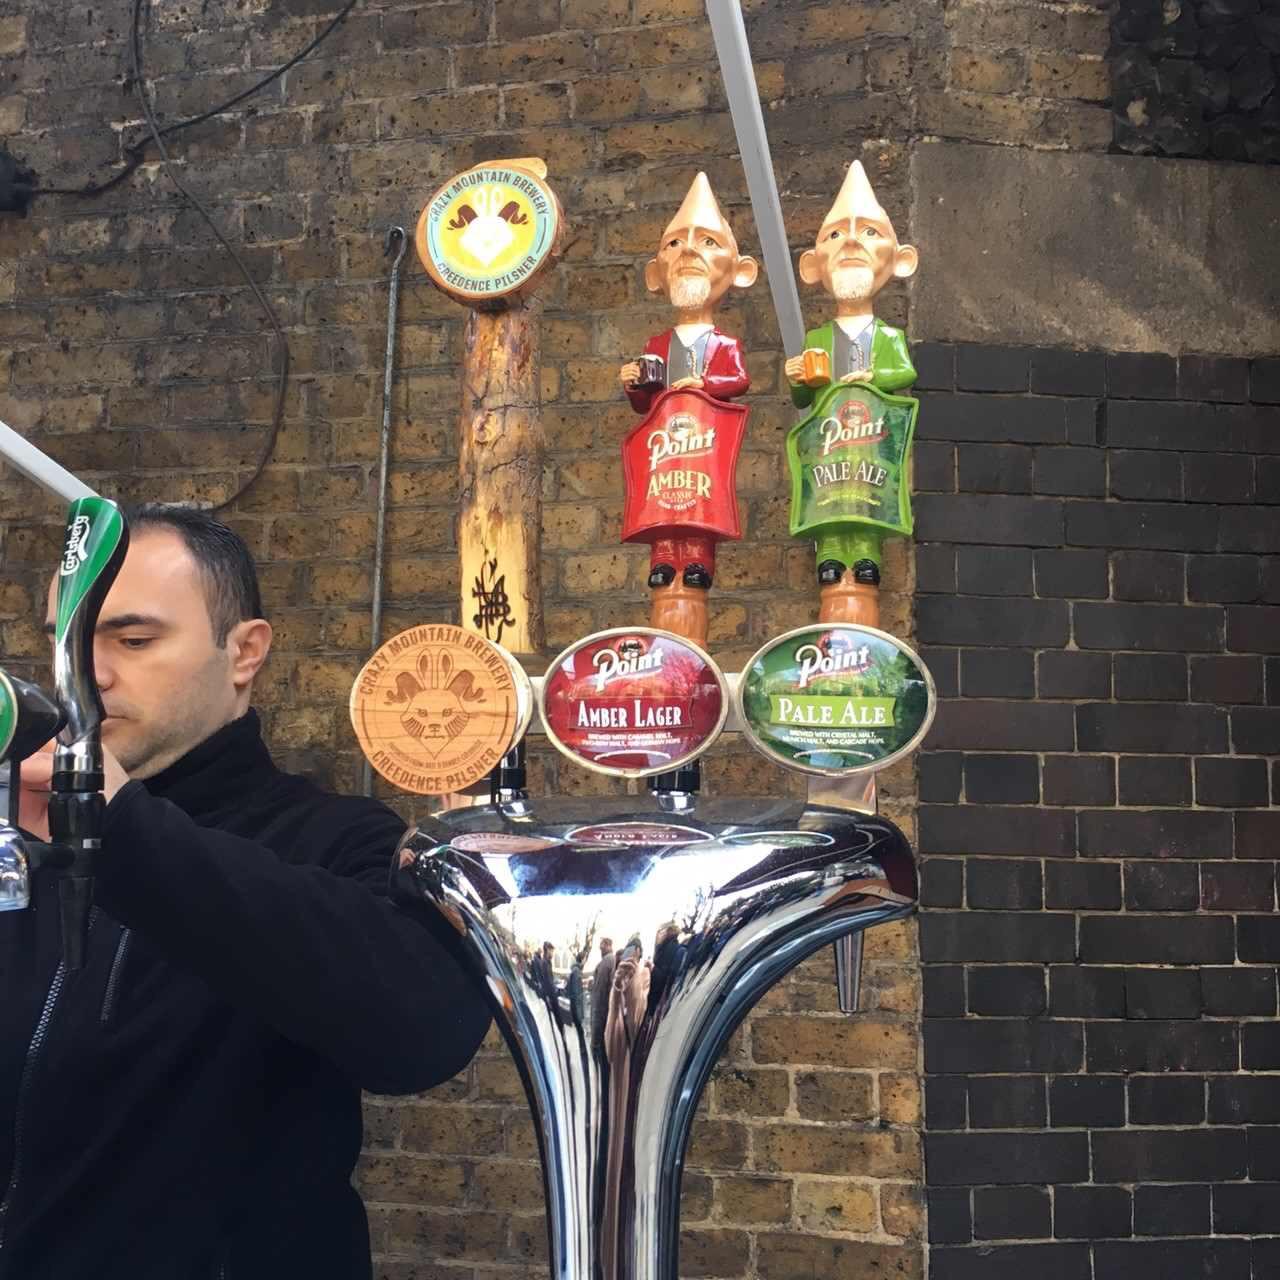 イギリスのパブはお酒が飲めるだけではない。クイズやゲームもある